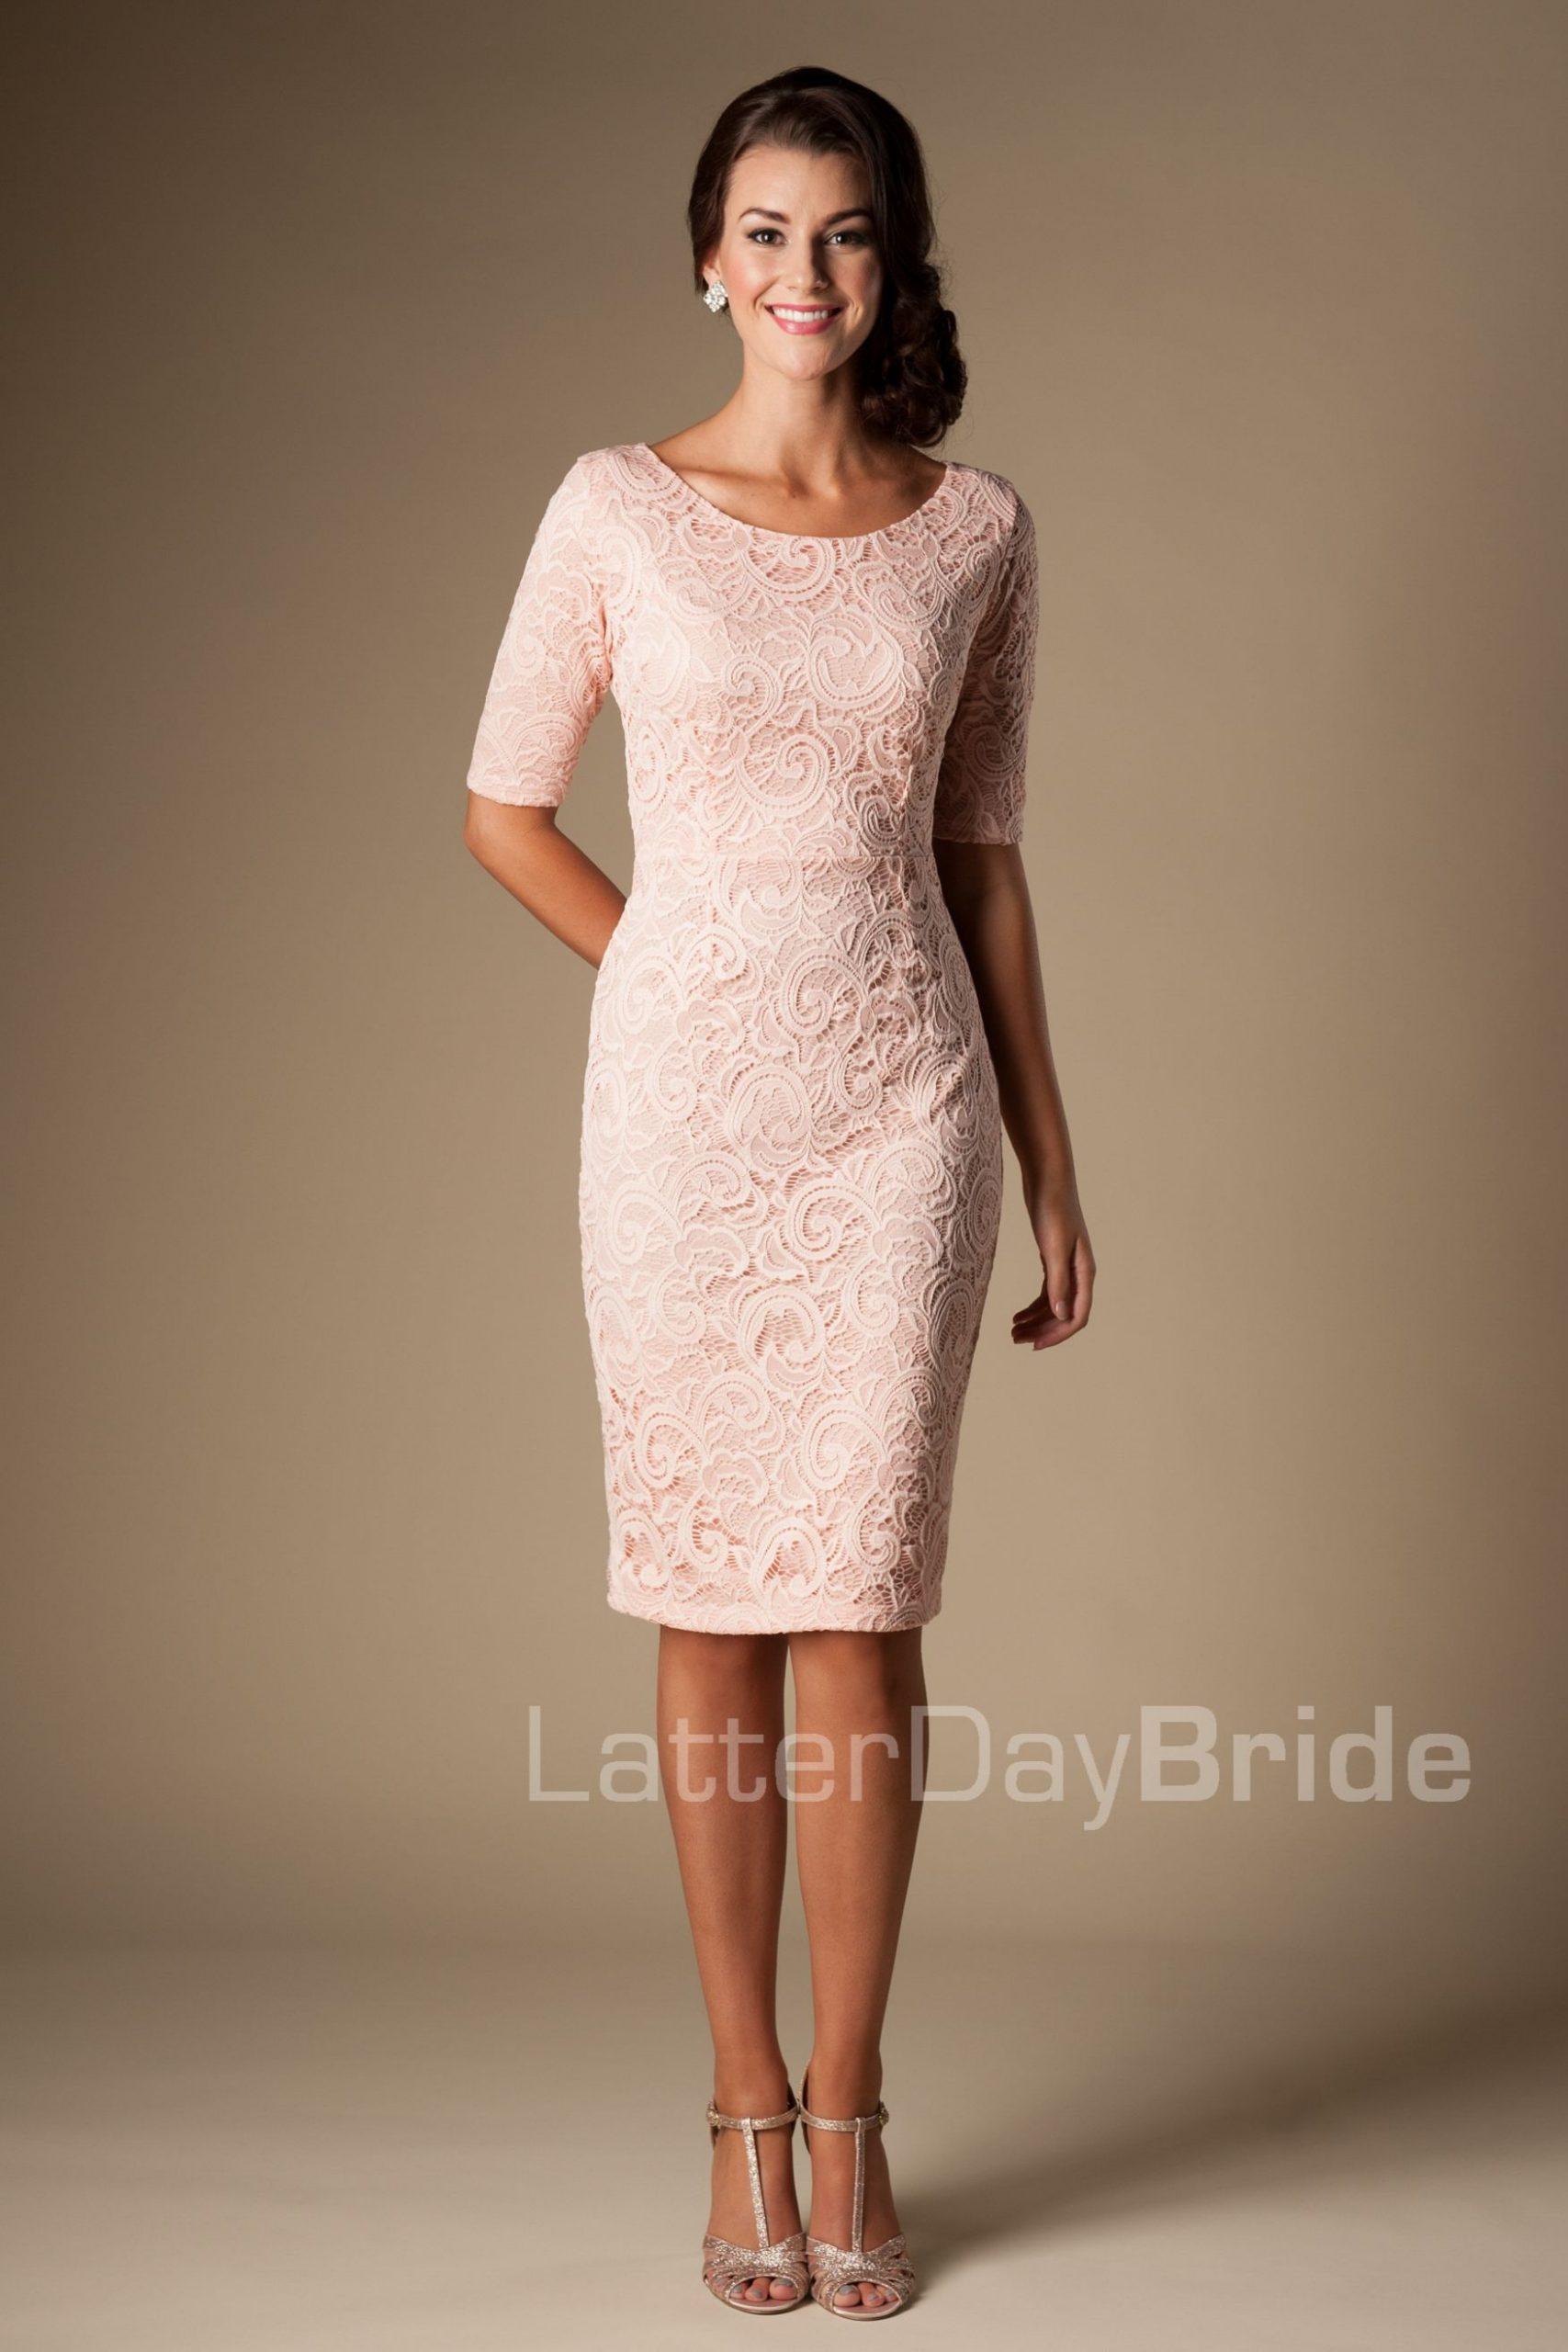 Für Hochzeit/gast | Festliche Kleider Hochzeit, Kleid